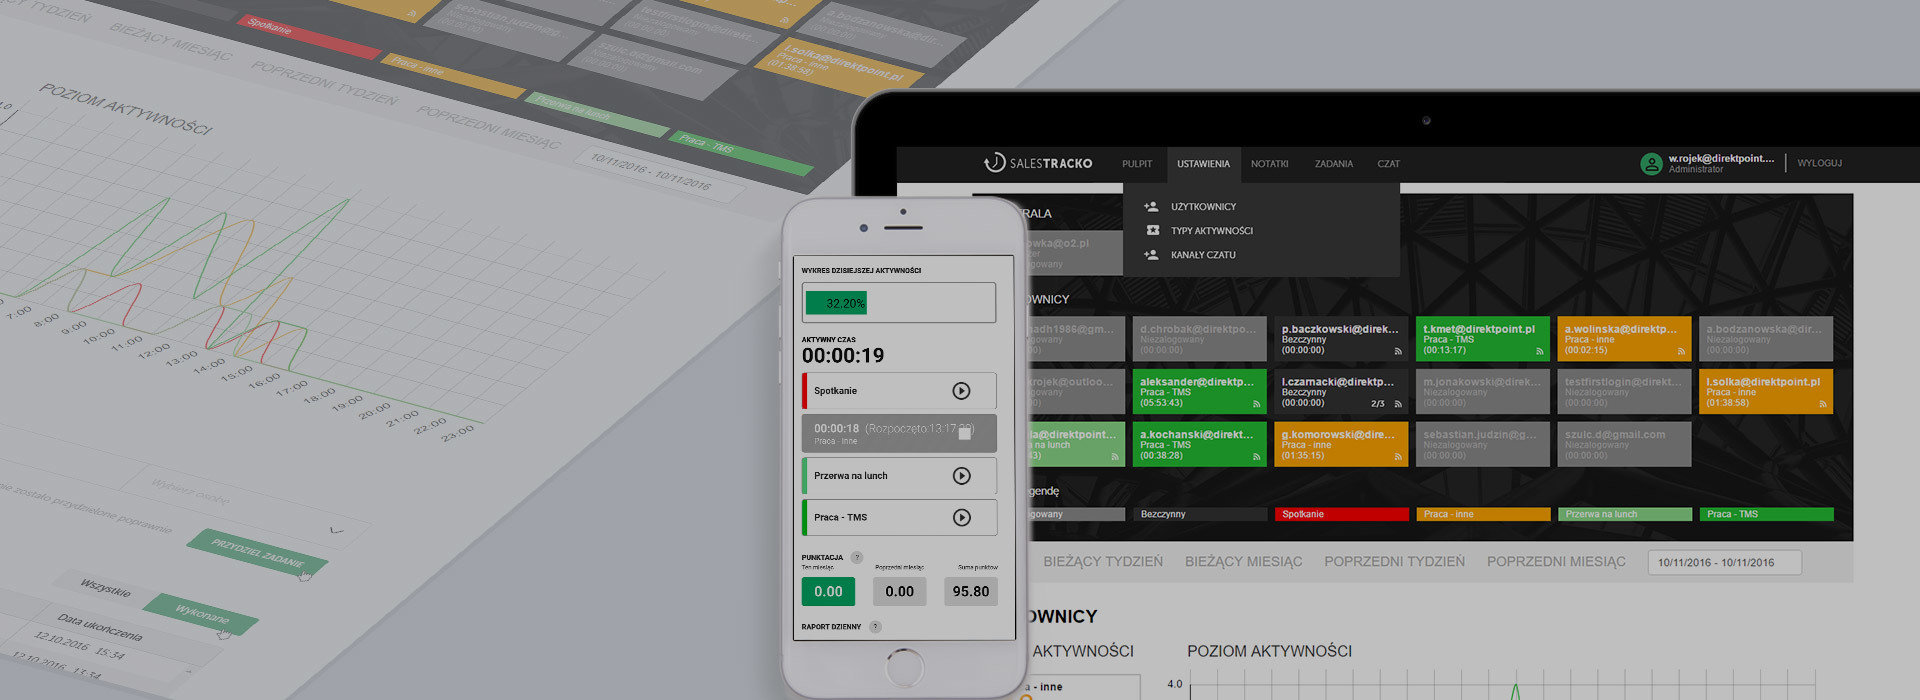 Salestracko - Direktpoint first startup!